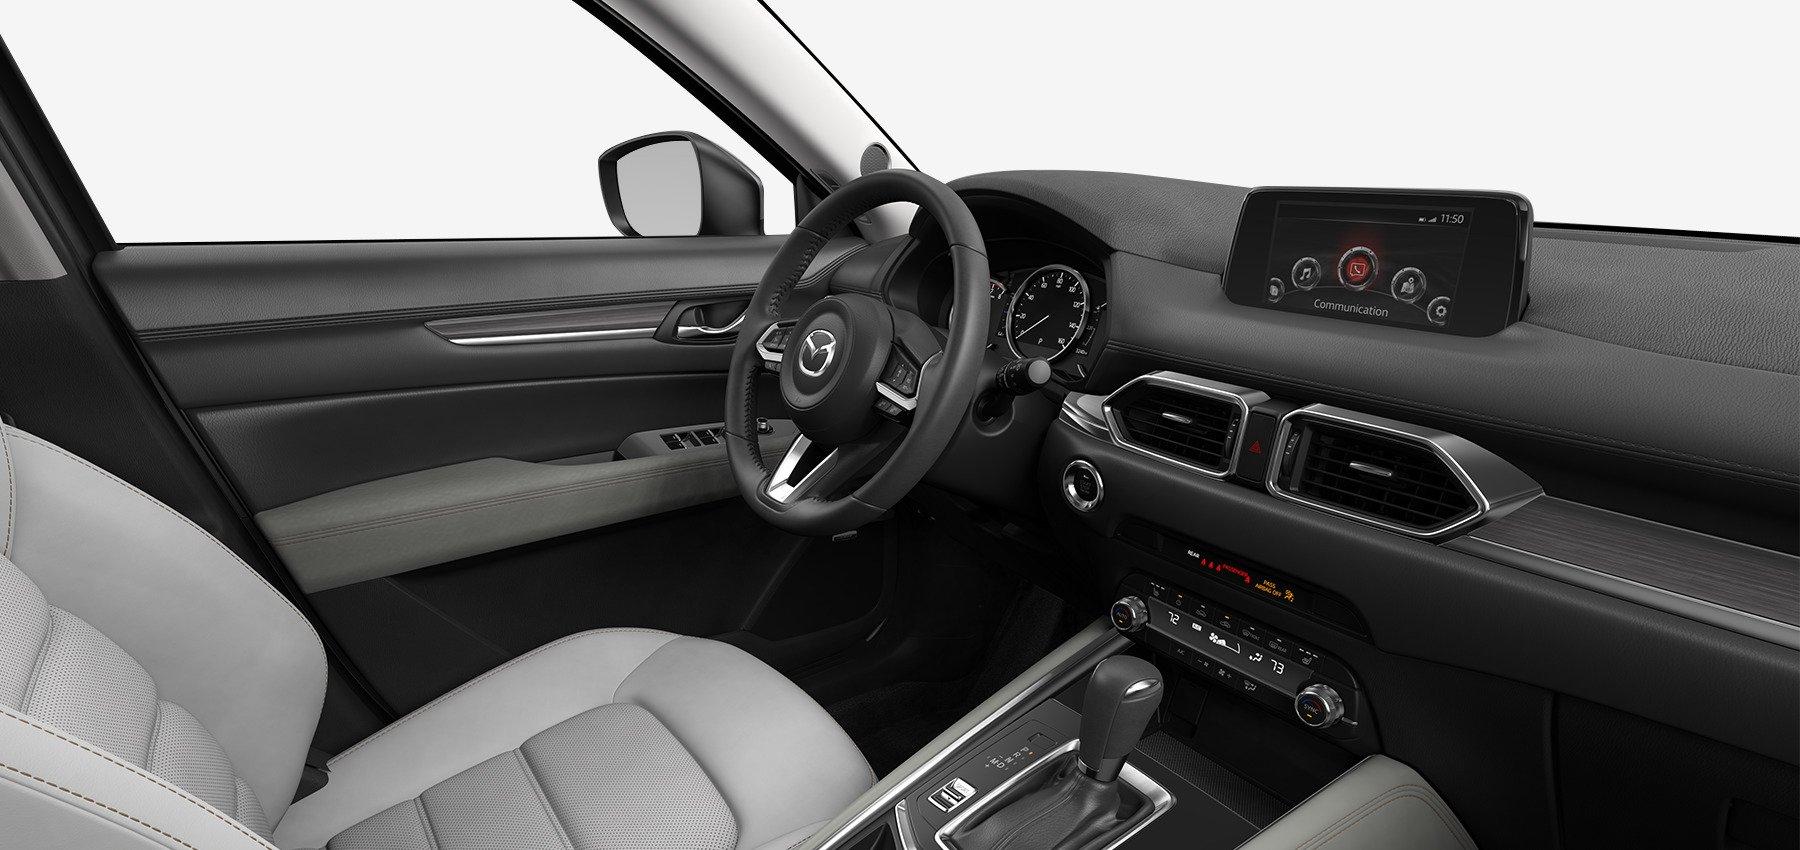 Build This 2019 Mazda Cx 5